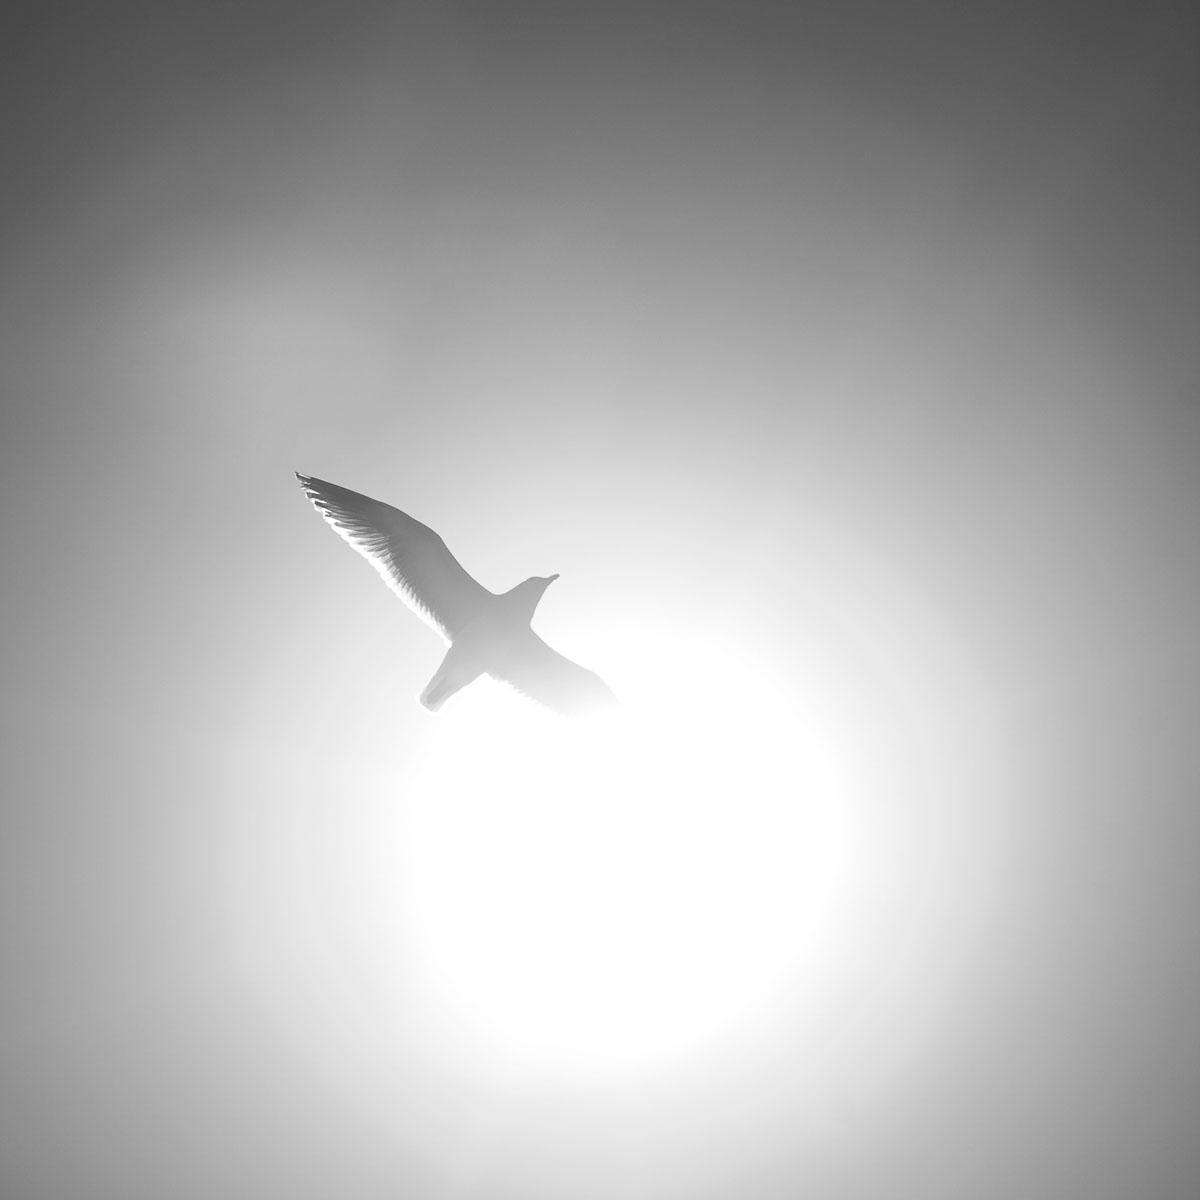 sunshine-seagull